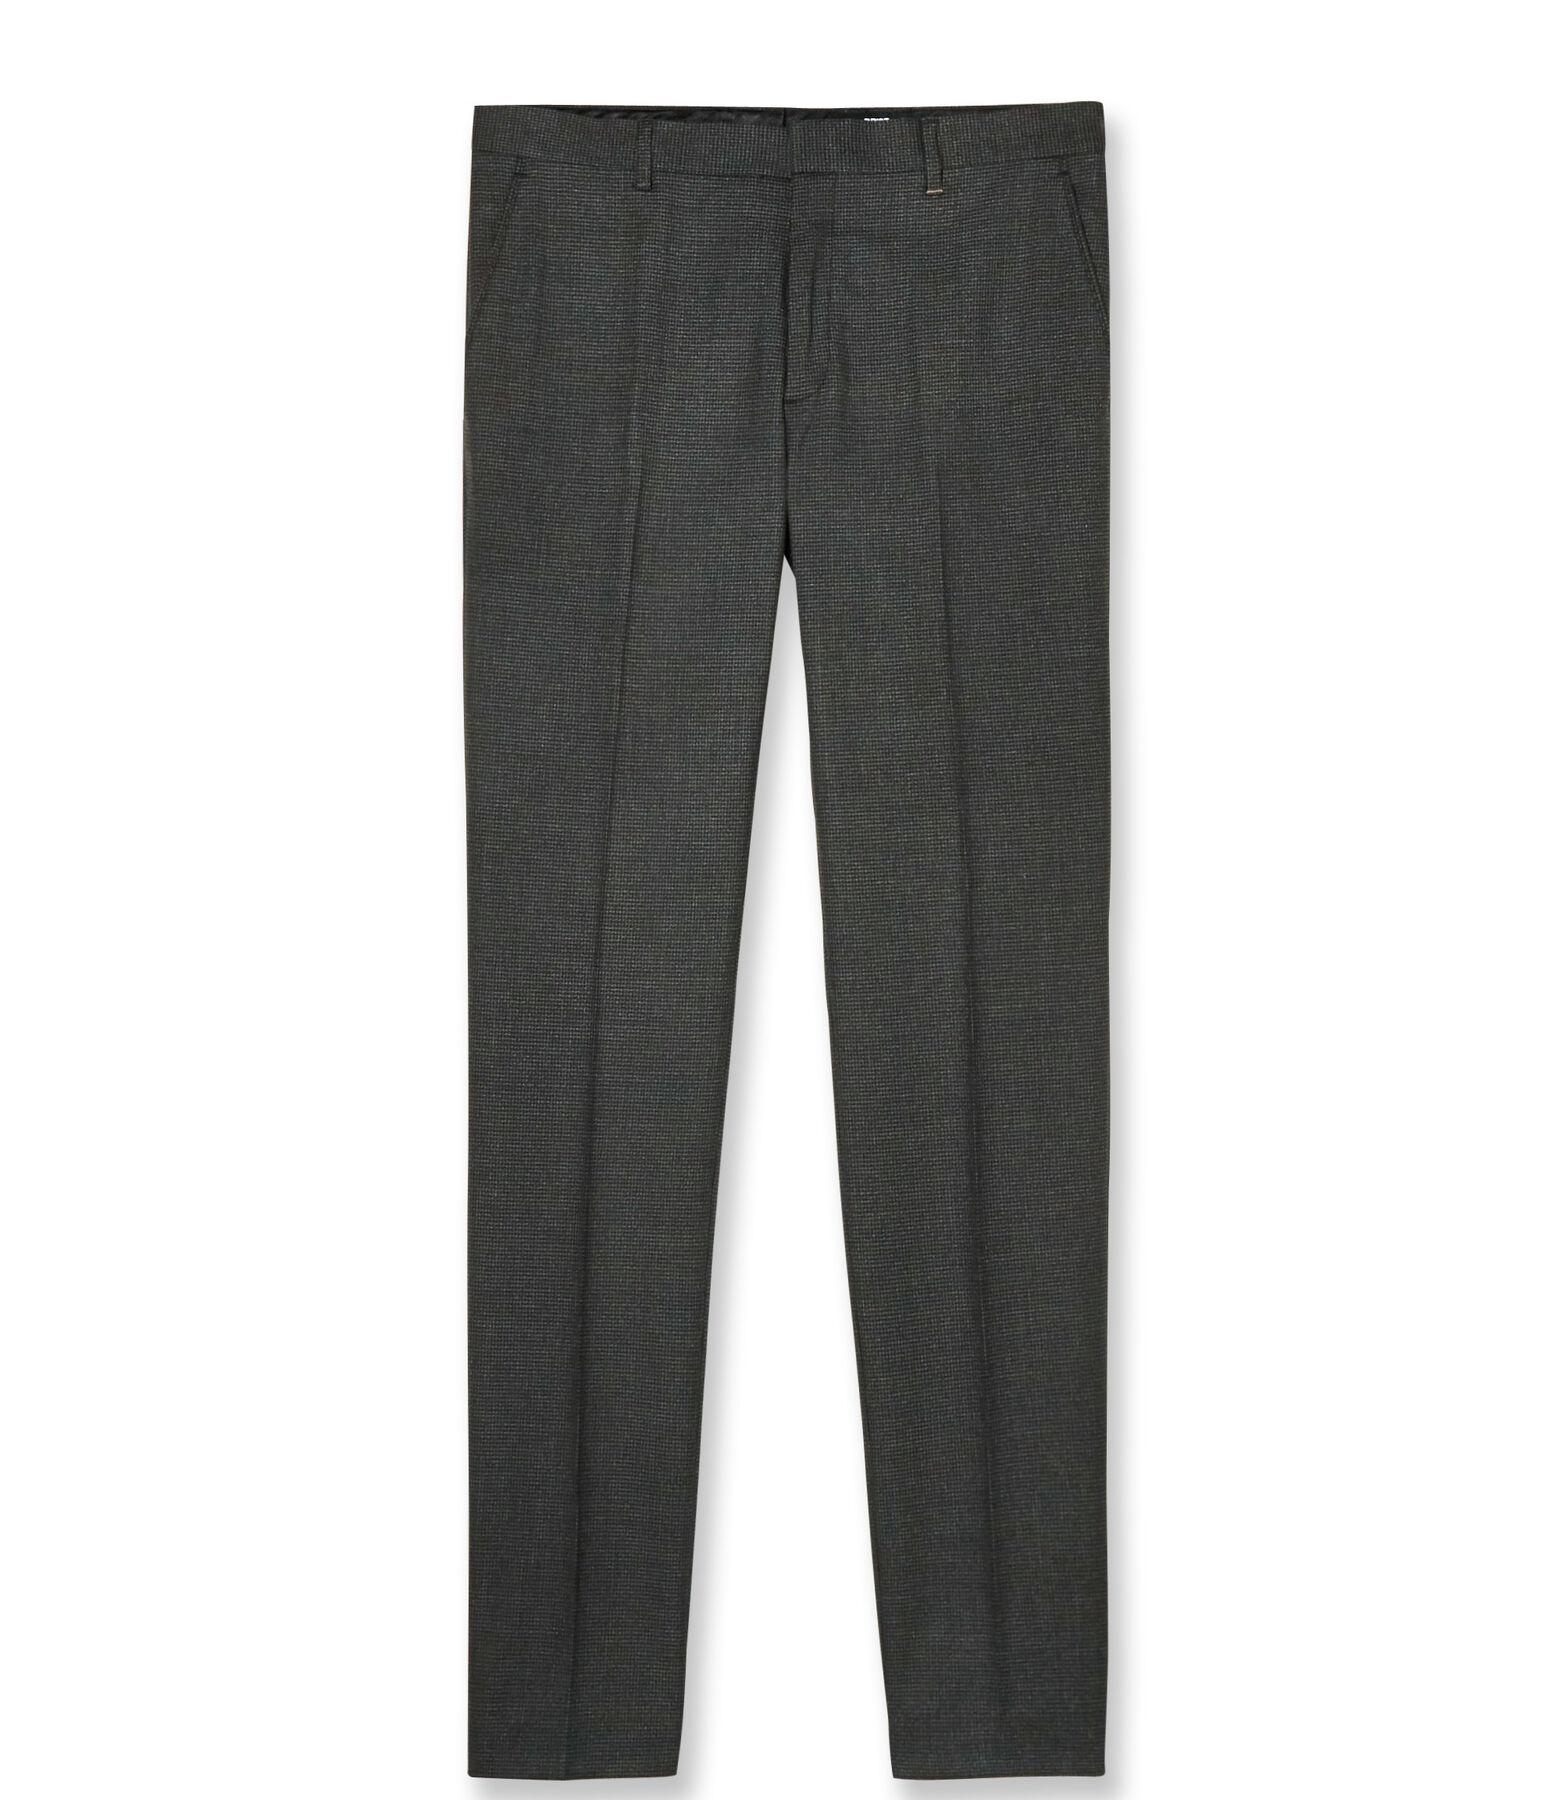 Pantalon de costume extra slim motif pied-de-poule